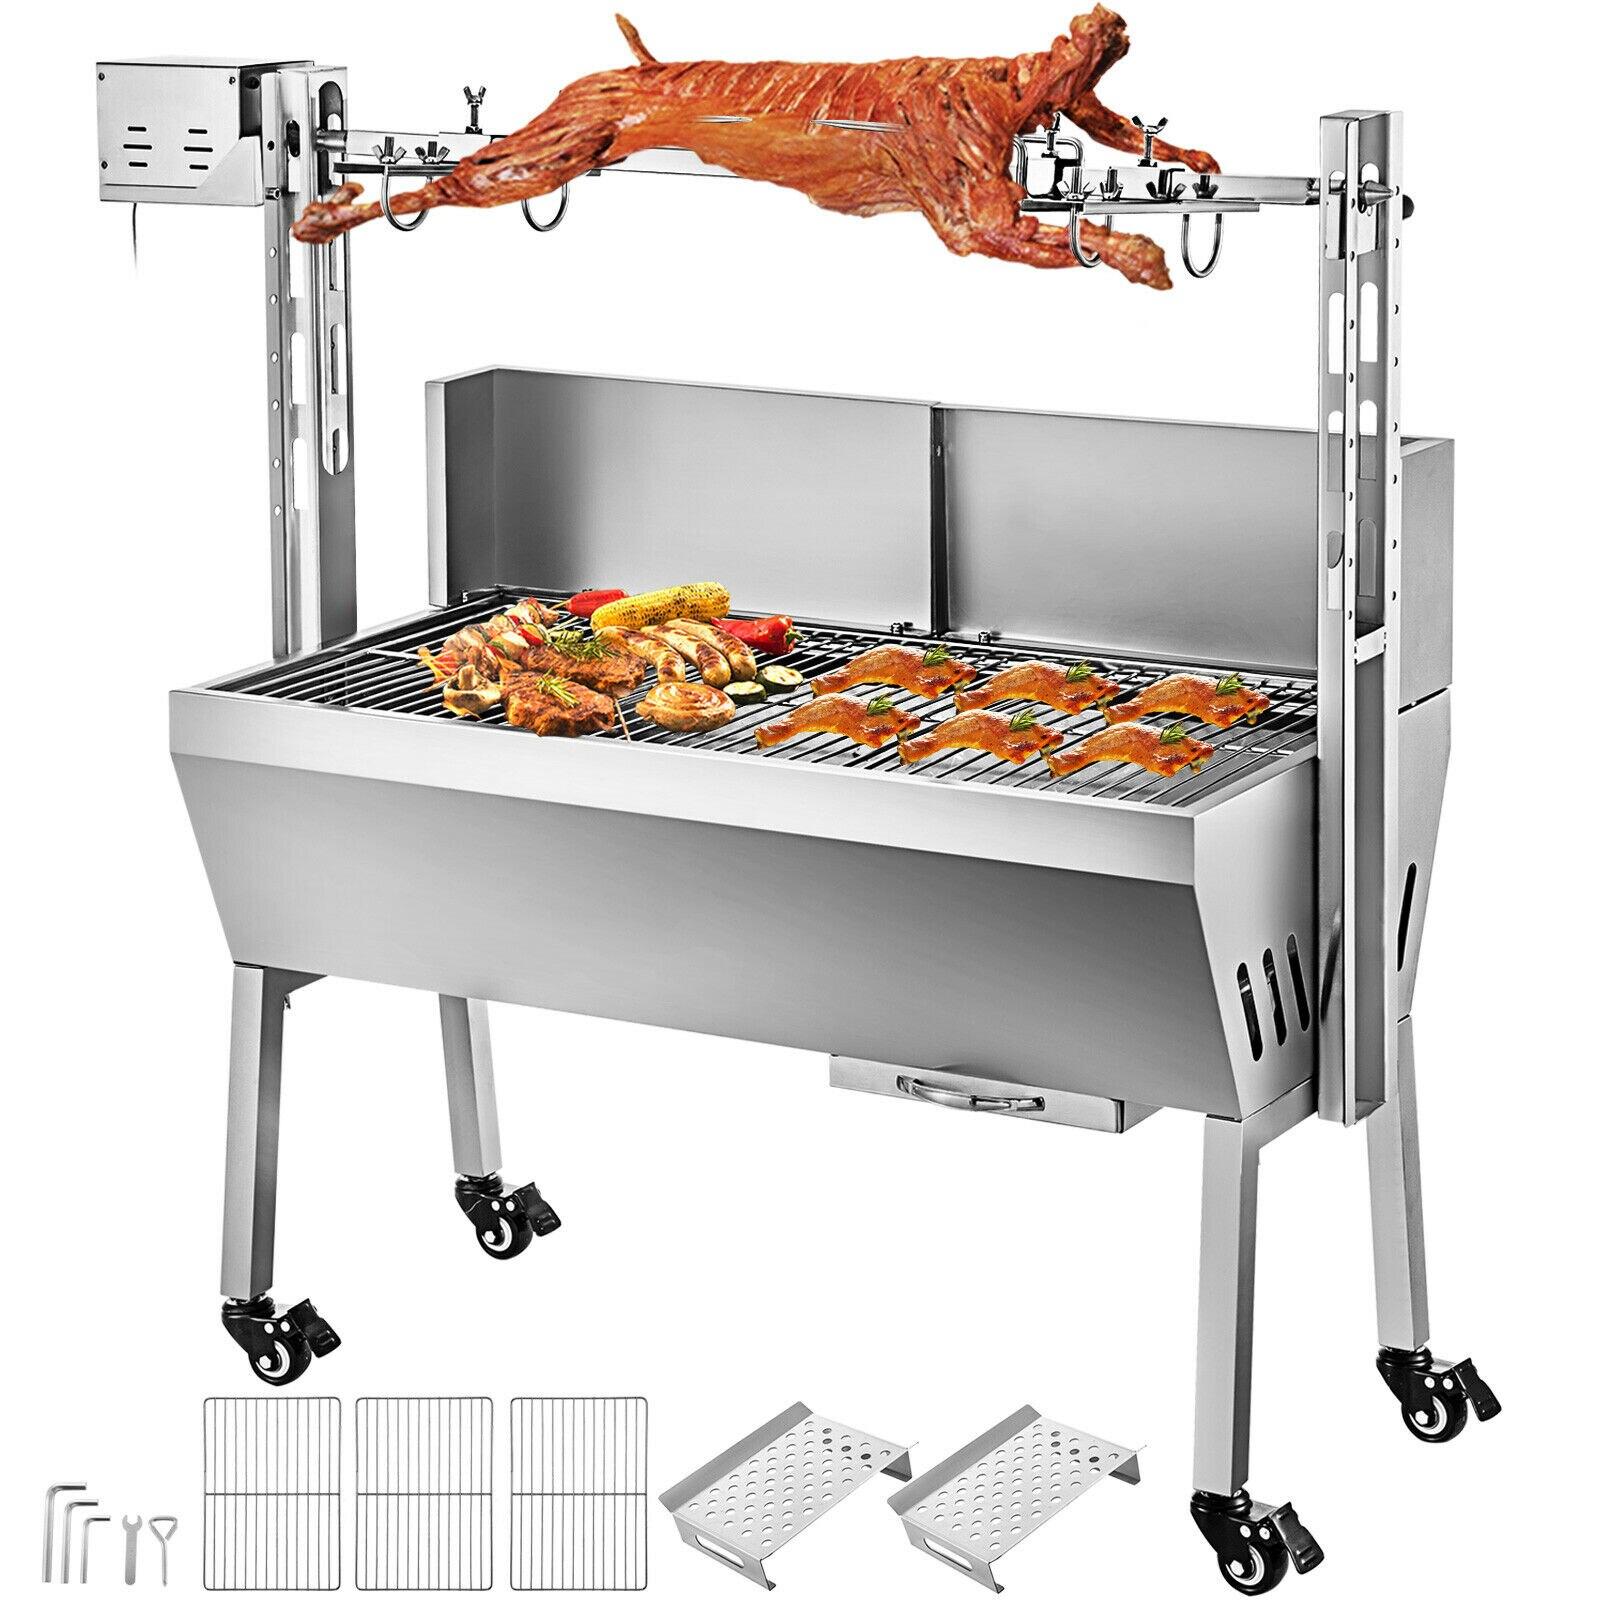 شواية كهربائية للمطبخ من VEVOR شواية من الفولاذ المقاوم للصدأ بدون دخان محمصة خنزير ماعز لنزهة الأنشطة الخارجية